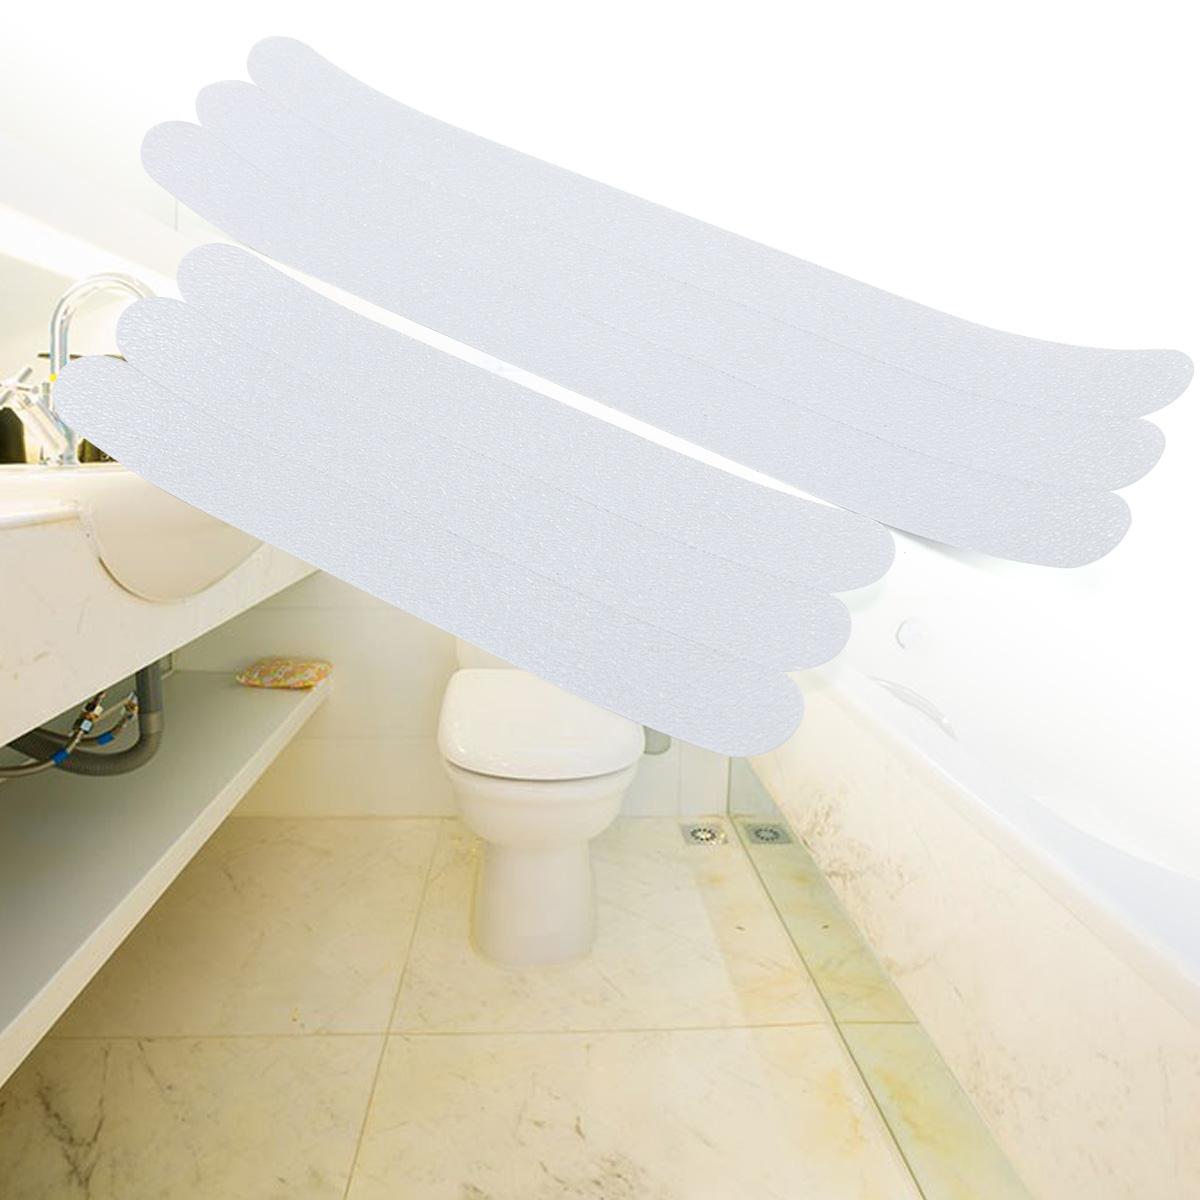 Bath Tub Shower Non Slip Anti Skid Safety Strips Grip